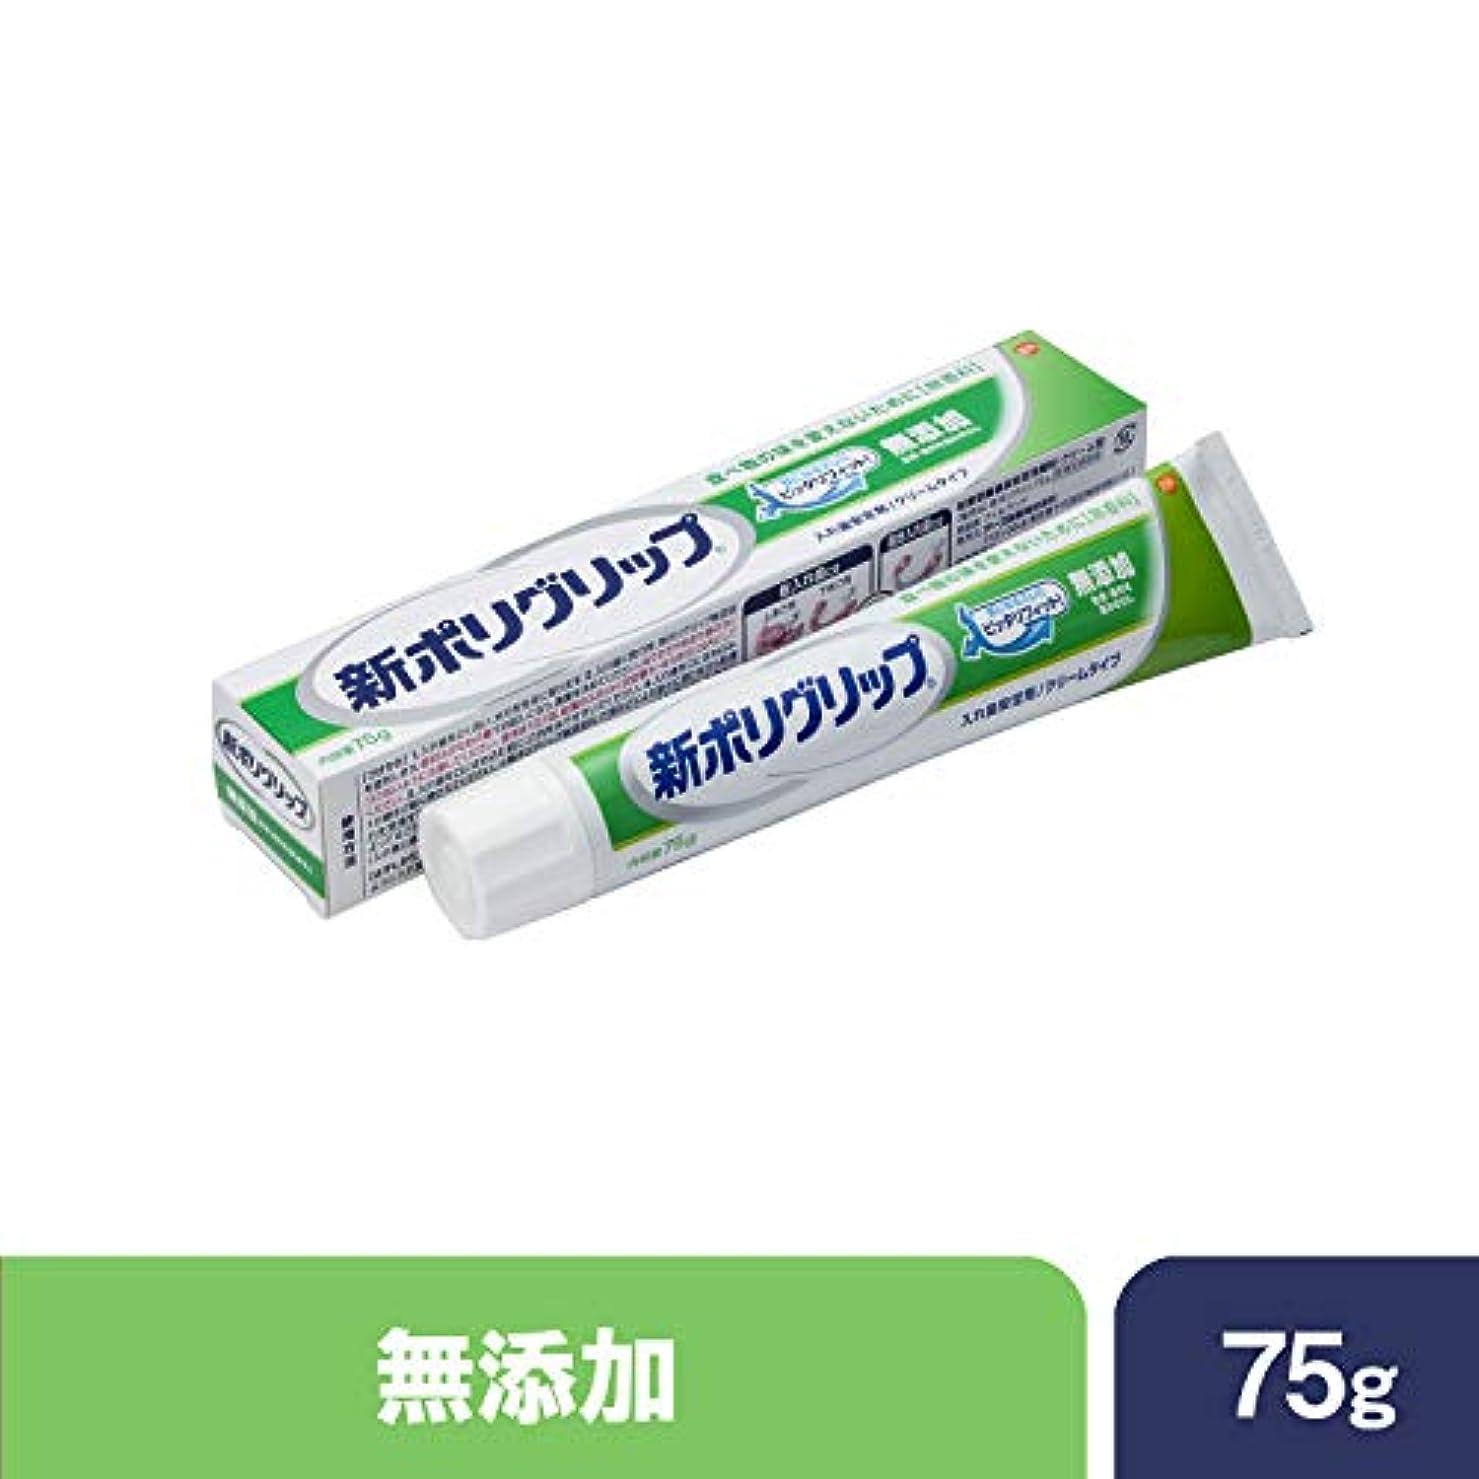 書く断線ストレス部分?総入れ歯安定剤 新ポリグリップ 無添加(色素?香料を含みません) 75g